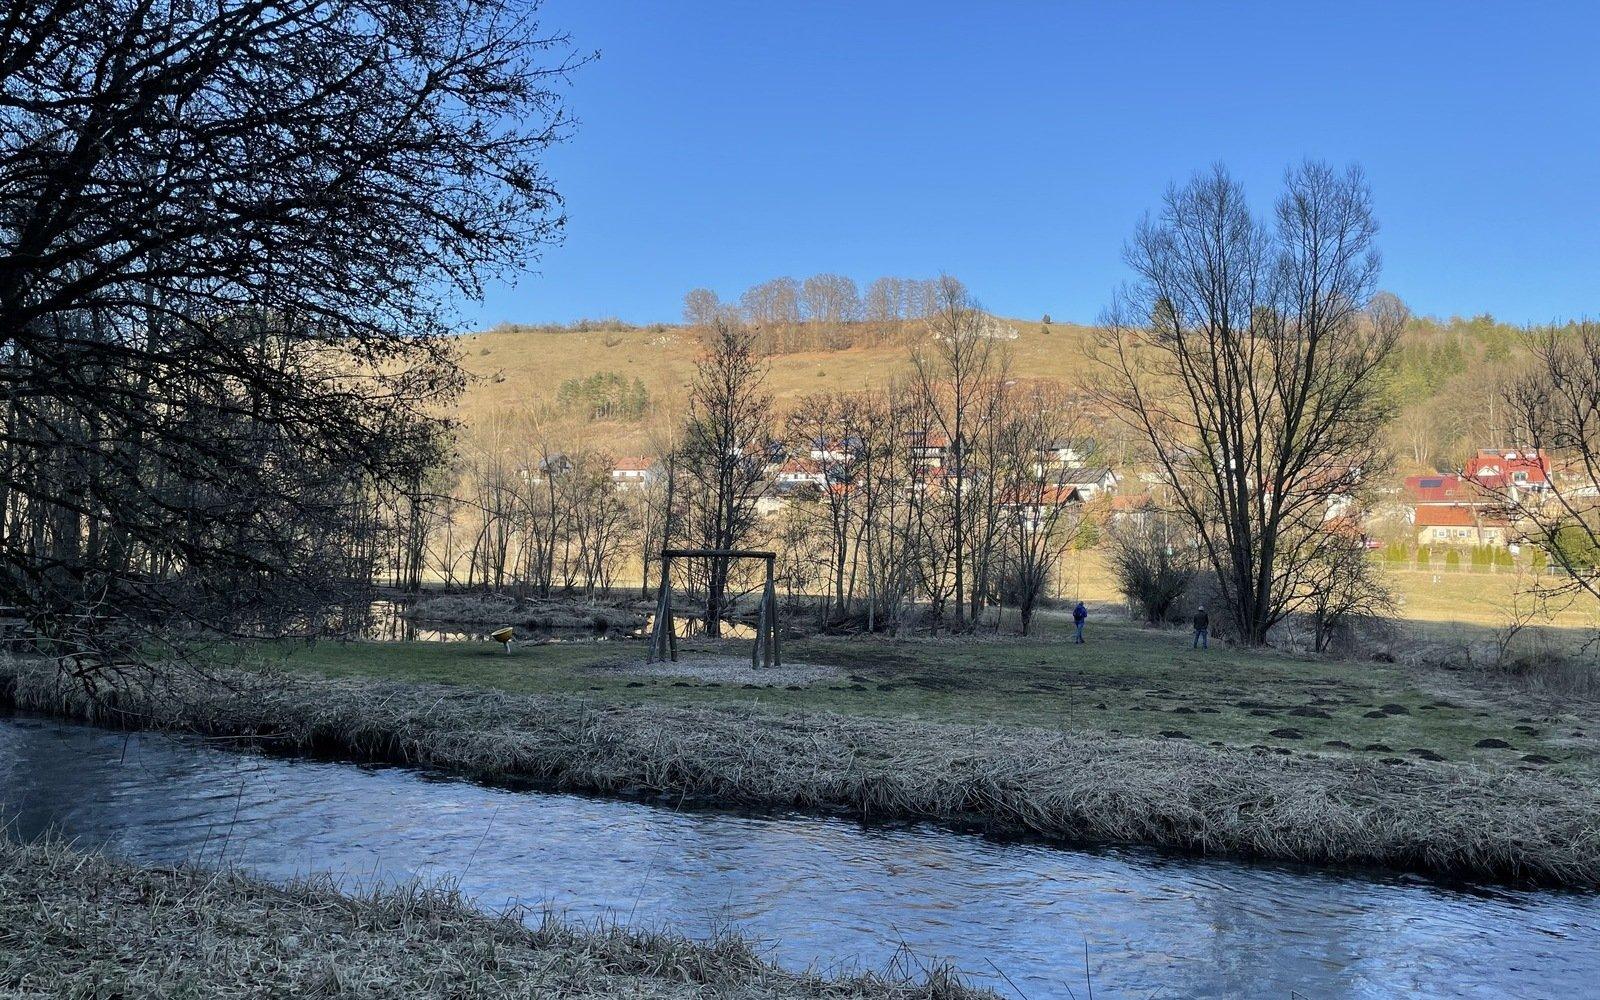 im Vordergrund ein Fluß, dahinter ein Spielplatz mit Kletterspinne im Hintergrund eine Häusersiedlung